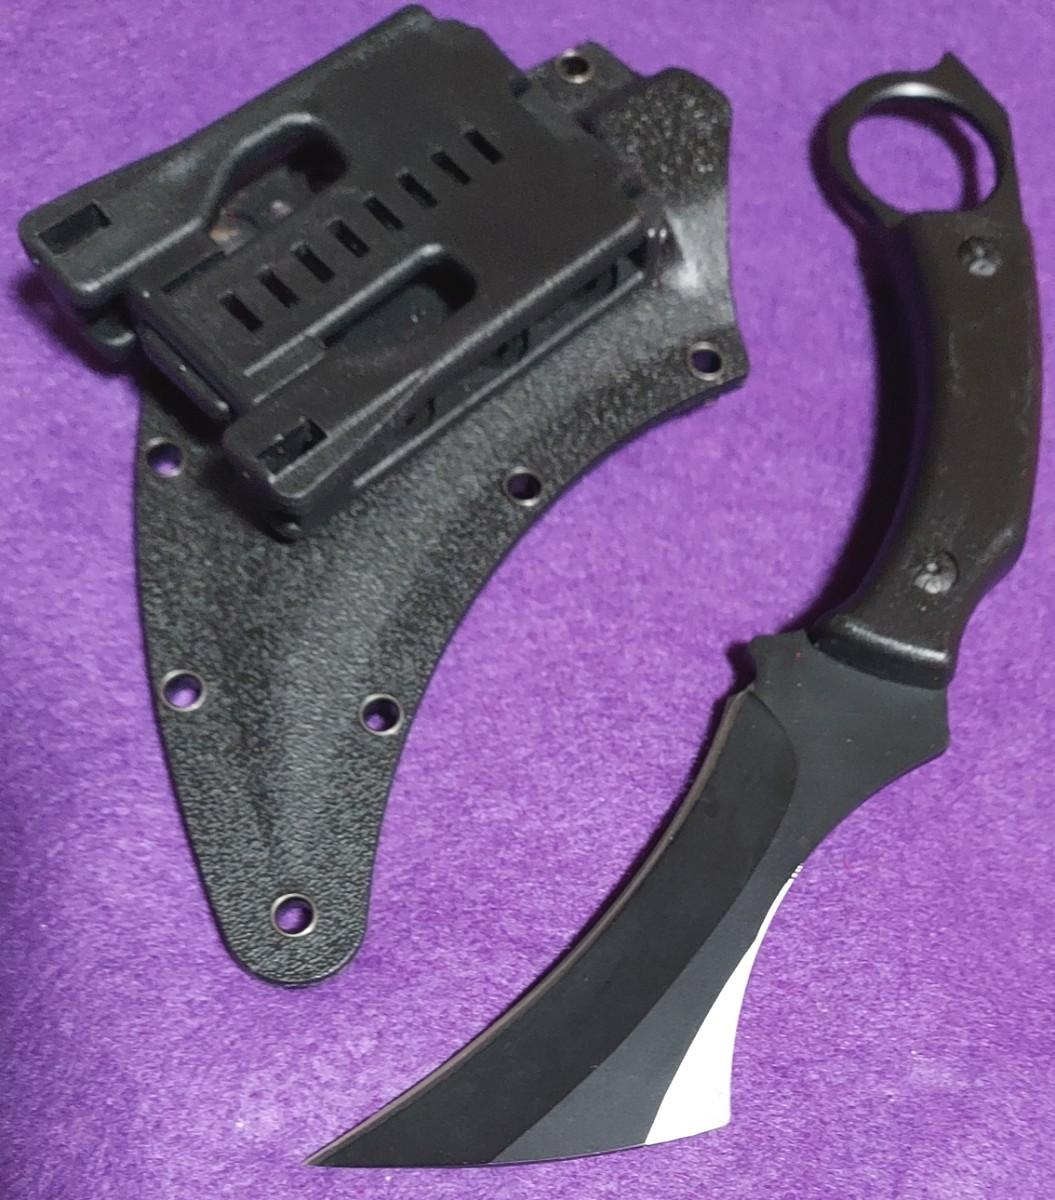 シャドーブレーカー 大型厚刃カランビットナイフ